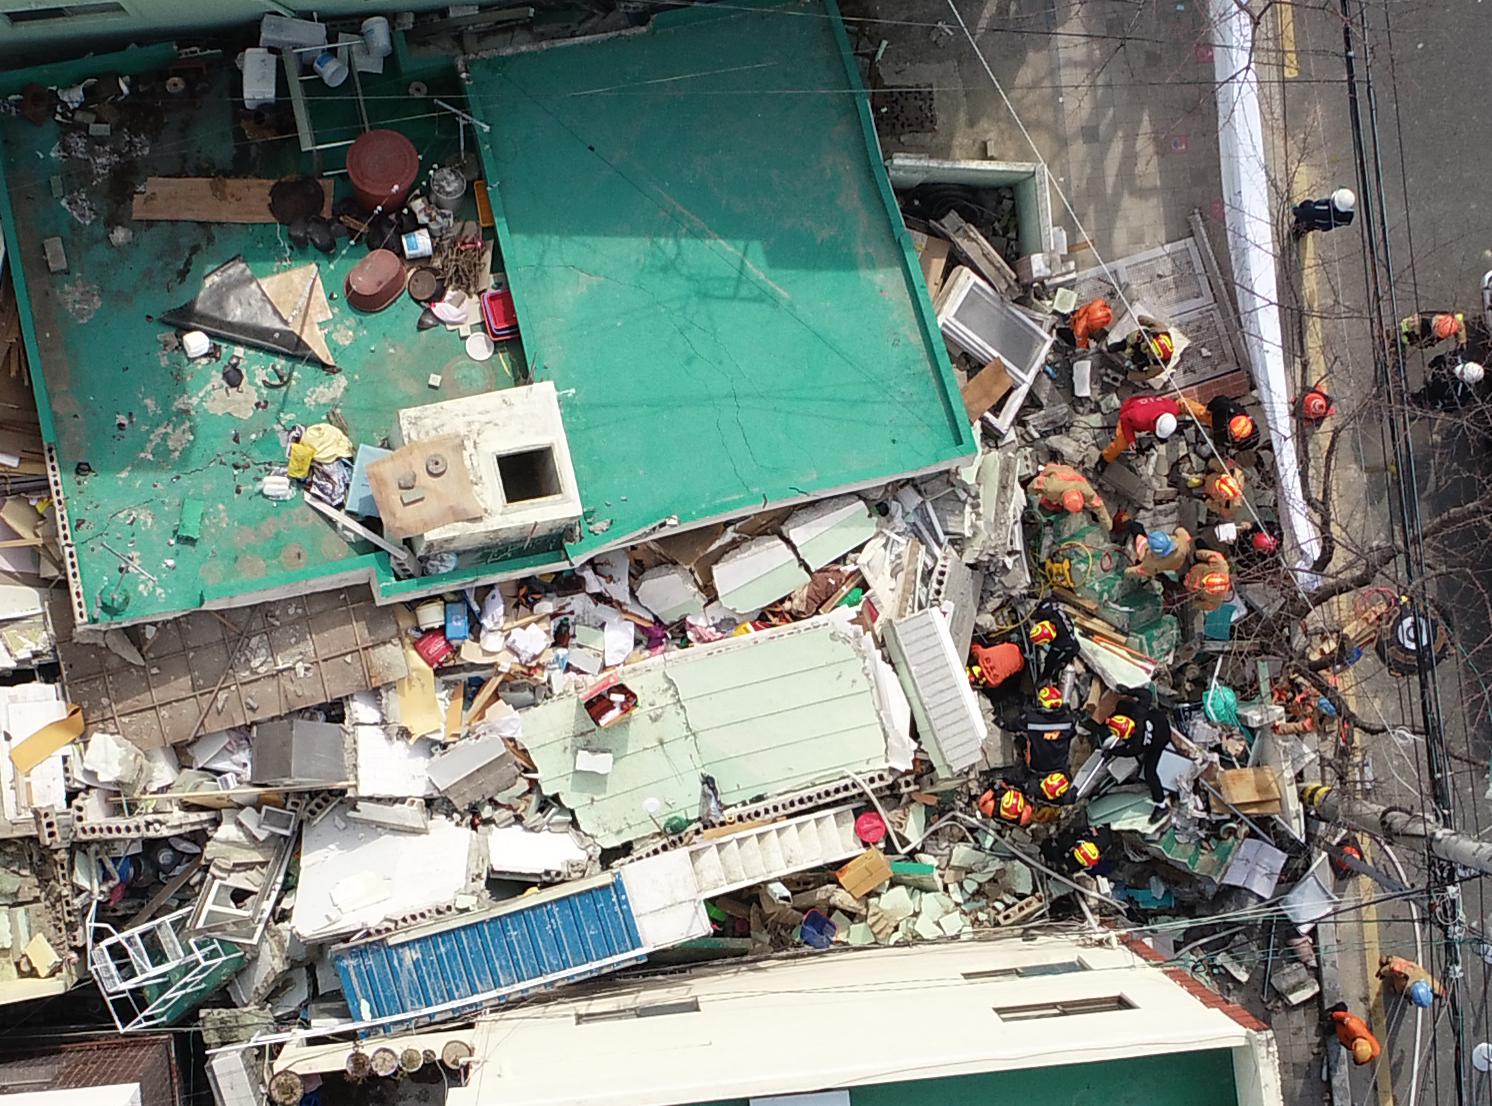 21일 부산 연제구 단독주택 붕괴로 작업자들이 매몰된 현장에서 소방대원들이 구조작업을 펼치고 있다. 오후 2시까지 매몰자 5명 중 3명이 구조됐고 1명은 숨진 채 발견됐다. [사진 부산소방재난본부]